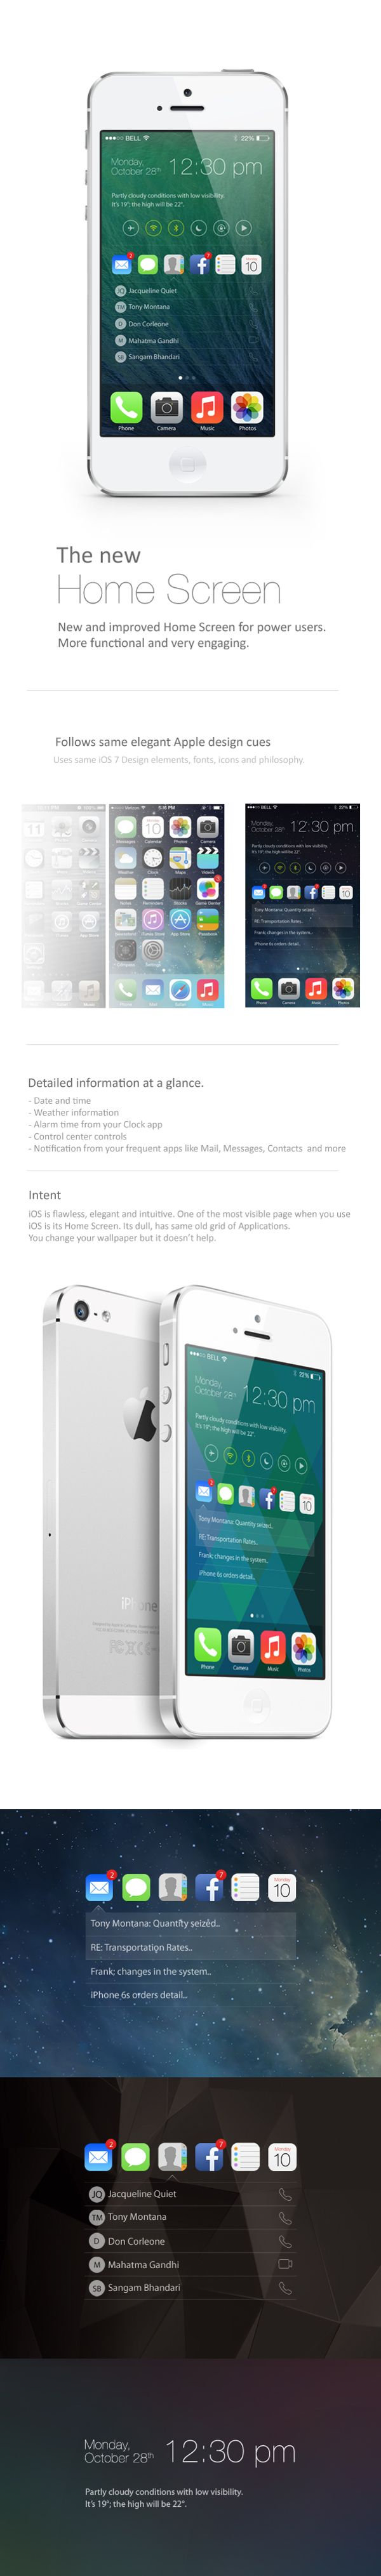 iOS Home Screen Concept by Sangam Bhandari, via Behance